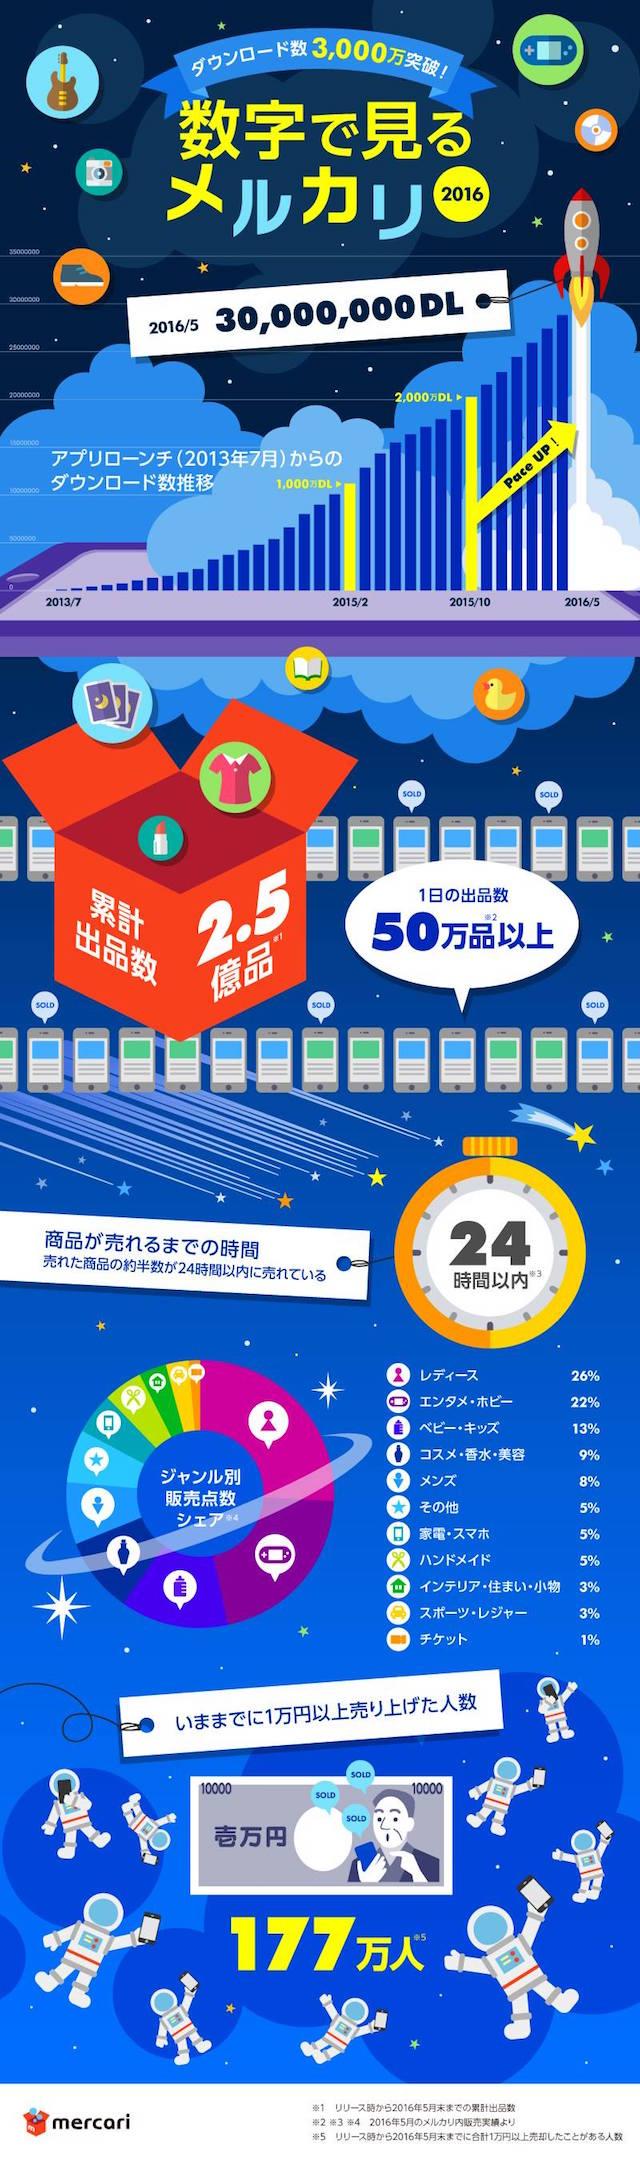 インフォグラフィック:メルカリはヤフオクより簡単。誰もが売り買いできるフリマアプリ